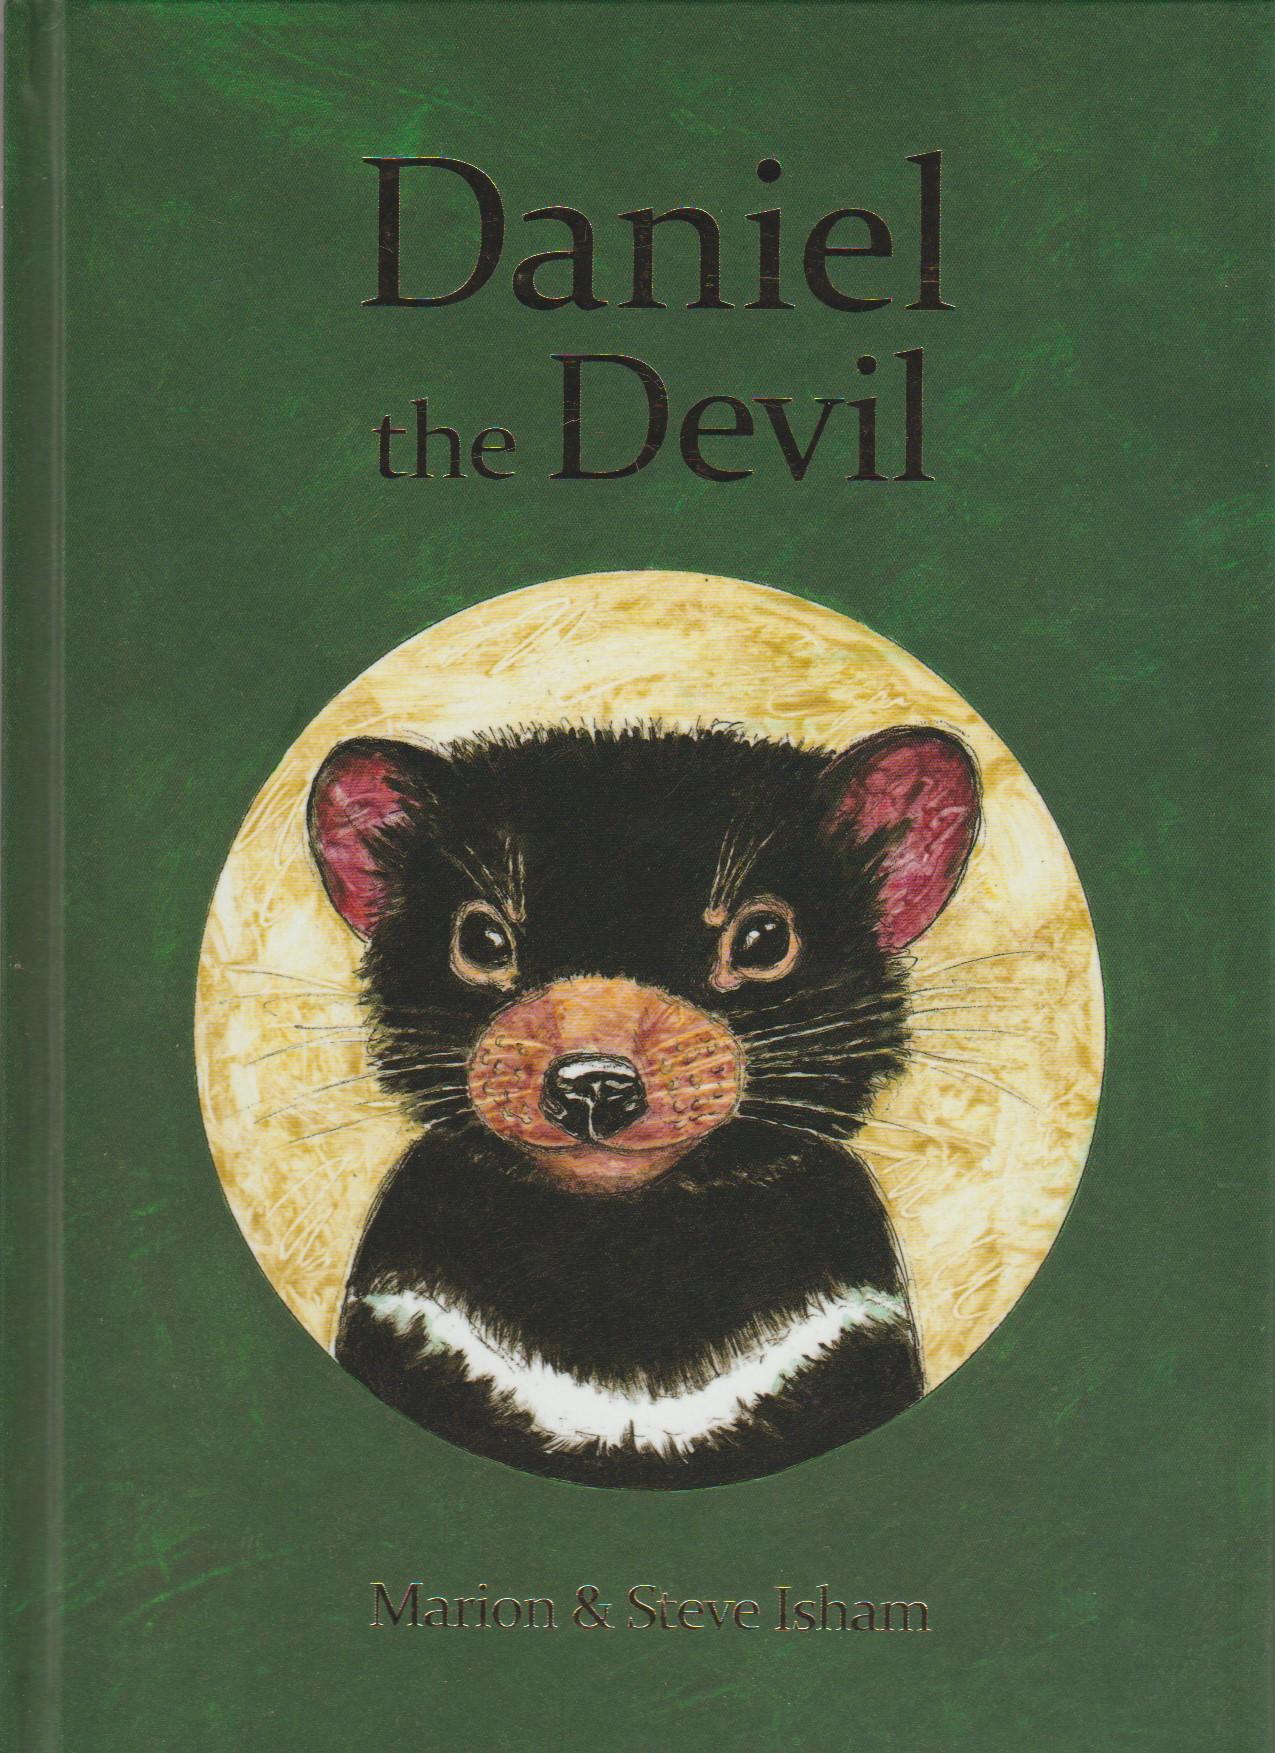 Daniel the Devil